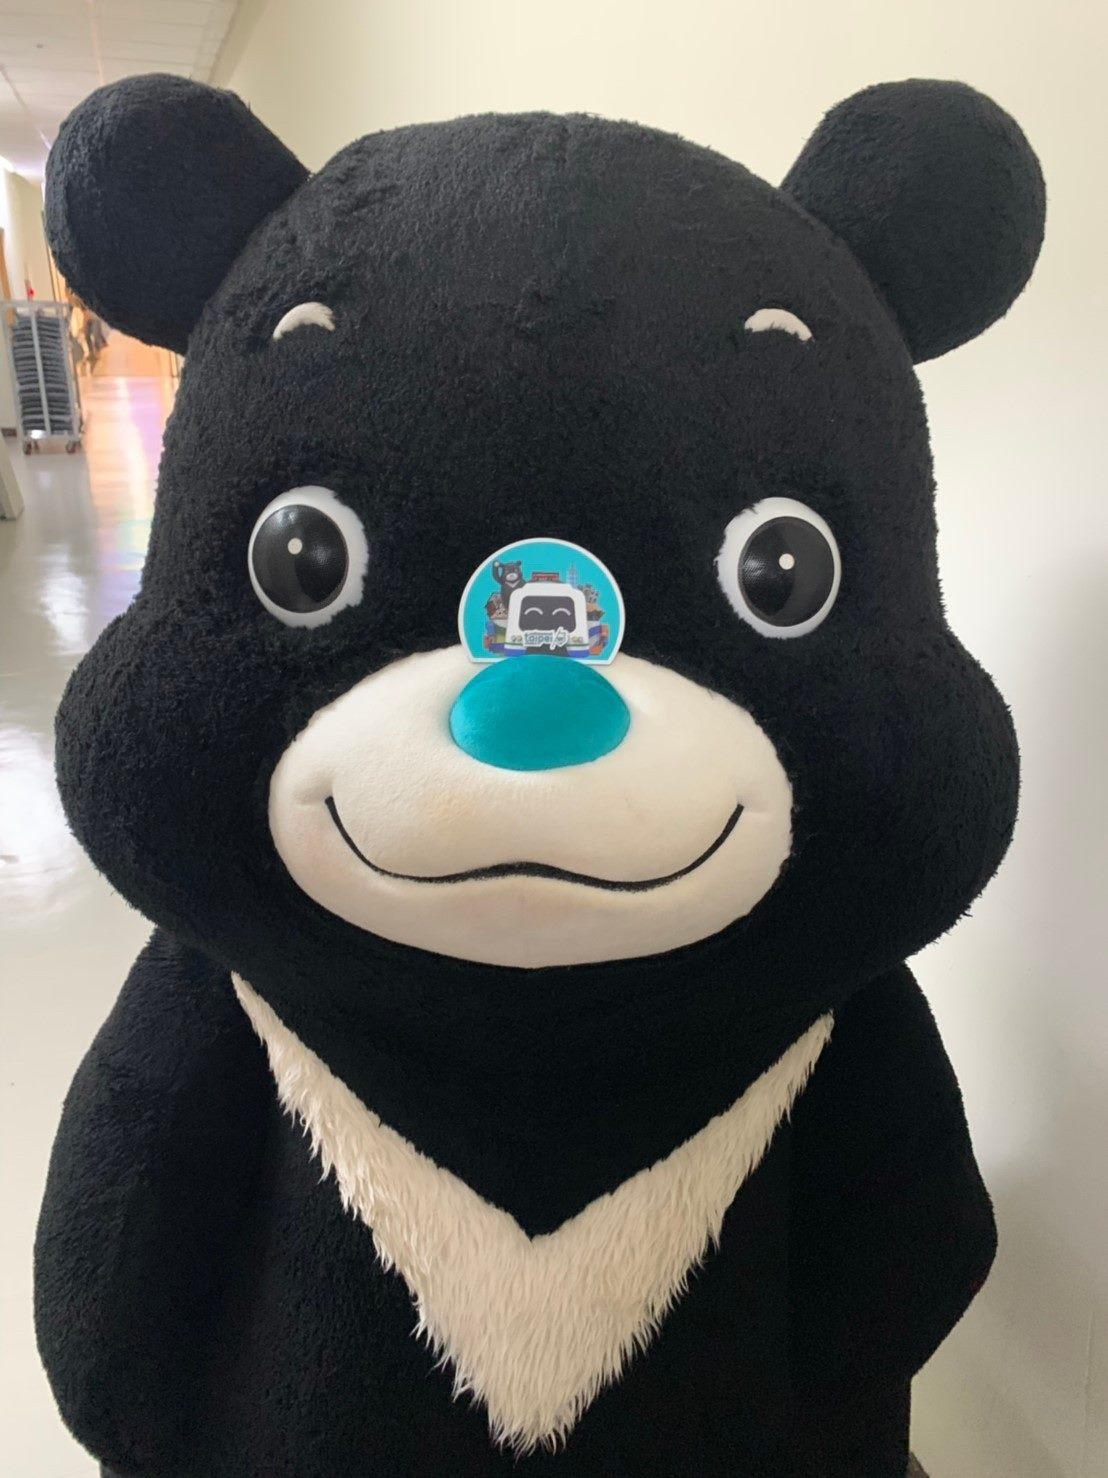 於國慶嘉年華活動與熊讚花車合照有機會得到限量紀念磁鐵